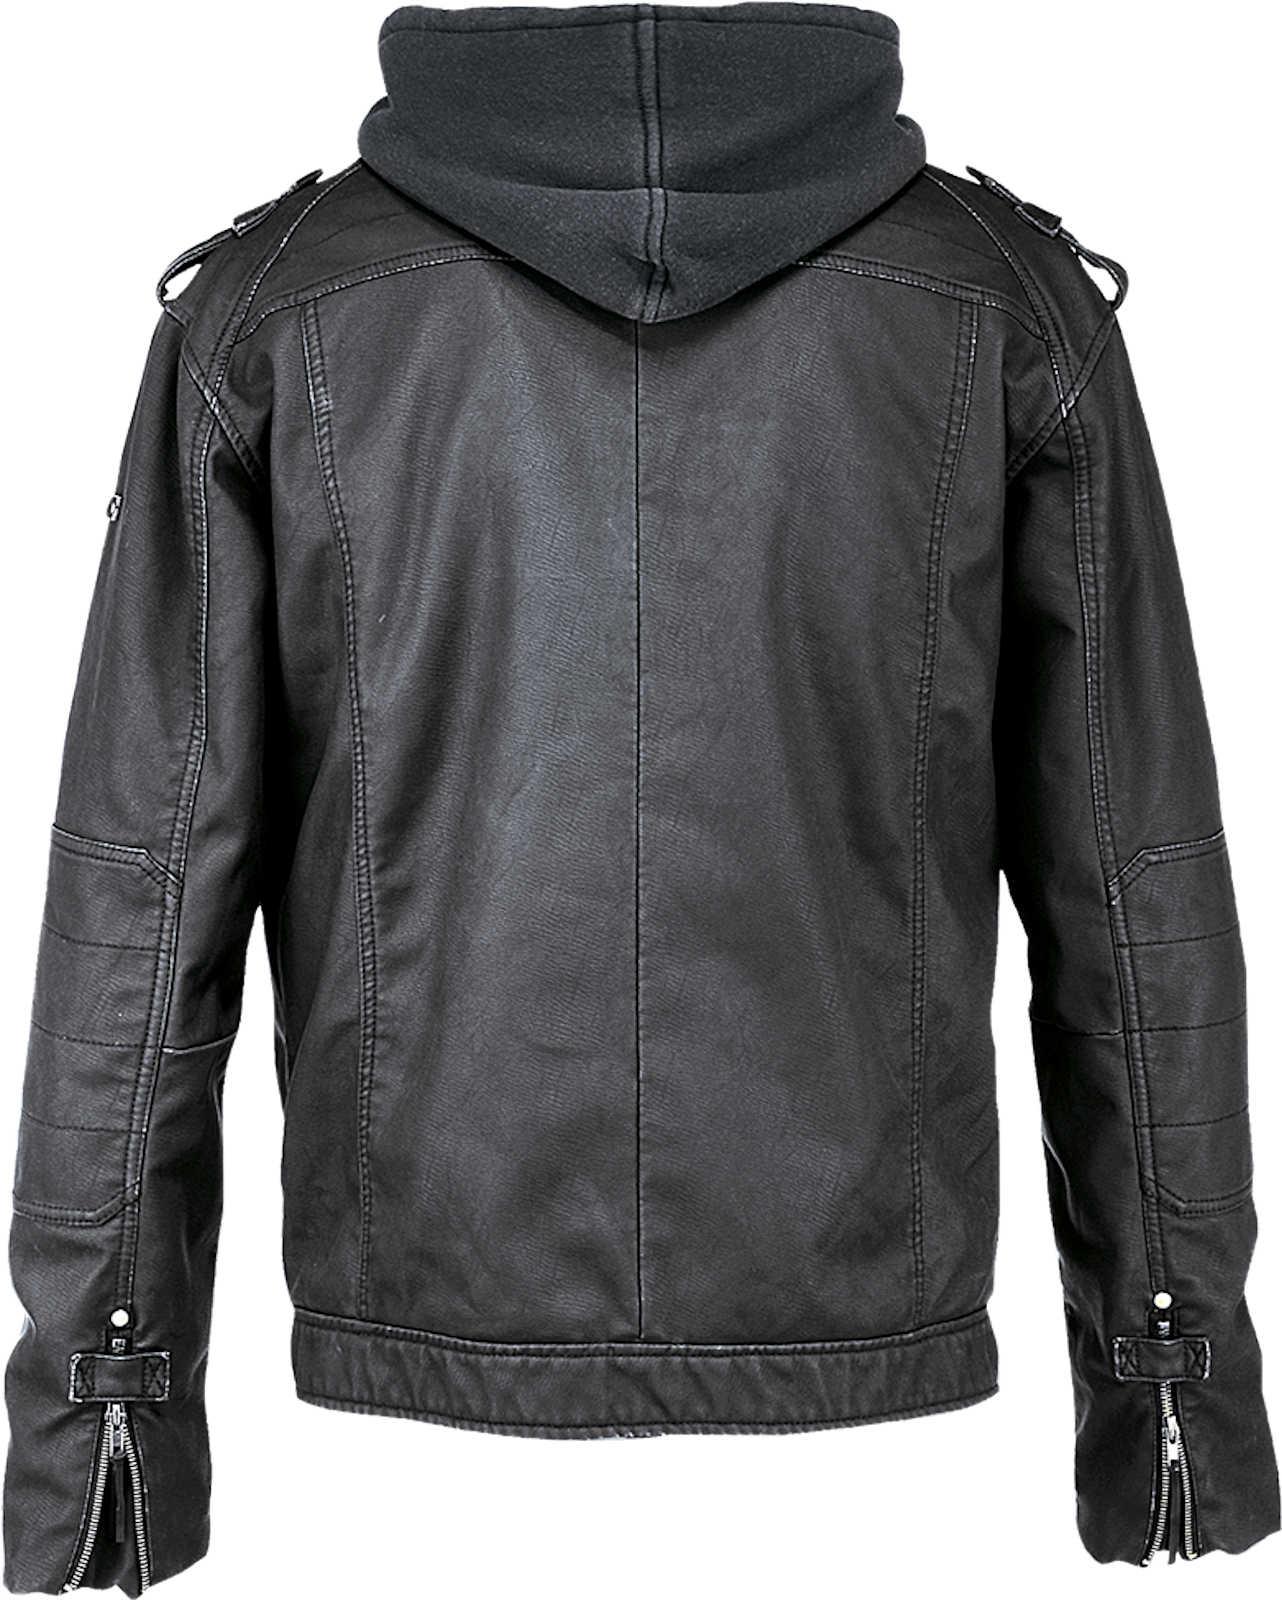 Brandit Herren schwarz Rock Jacket 3119 Kunstlederjacke Kapuze Biker Motorradjacke Motorradjacke Motorradjacke 4b0d40